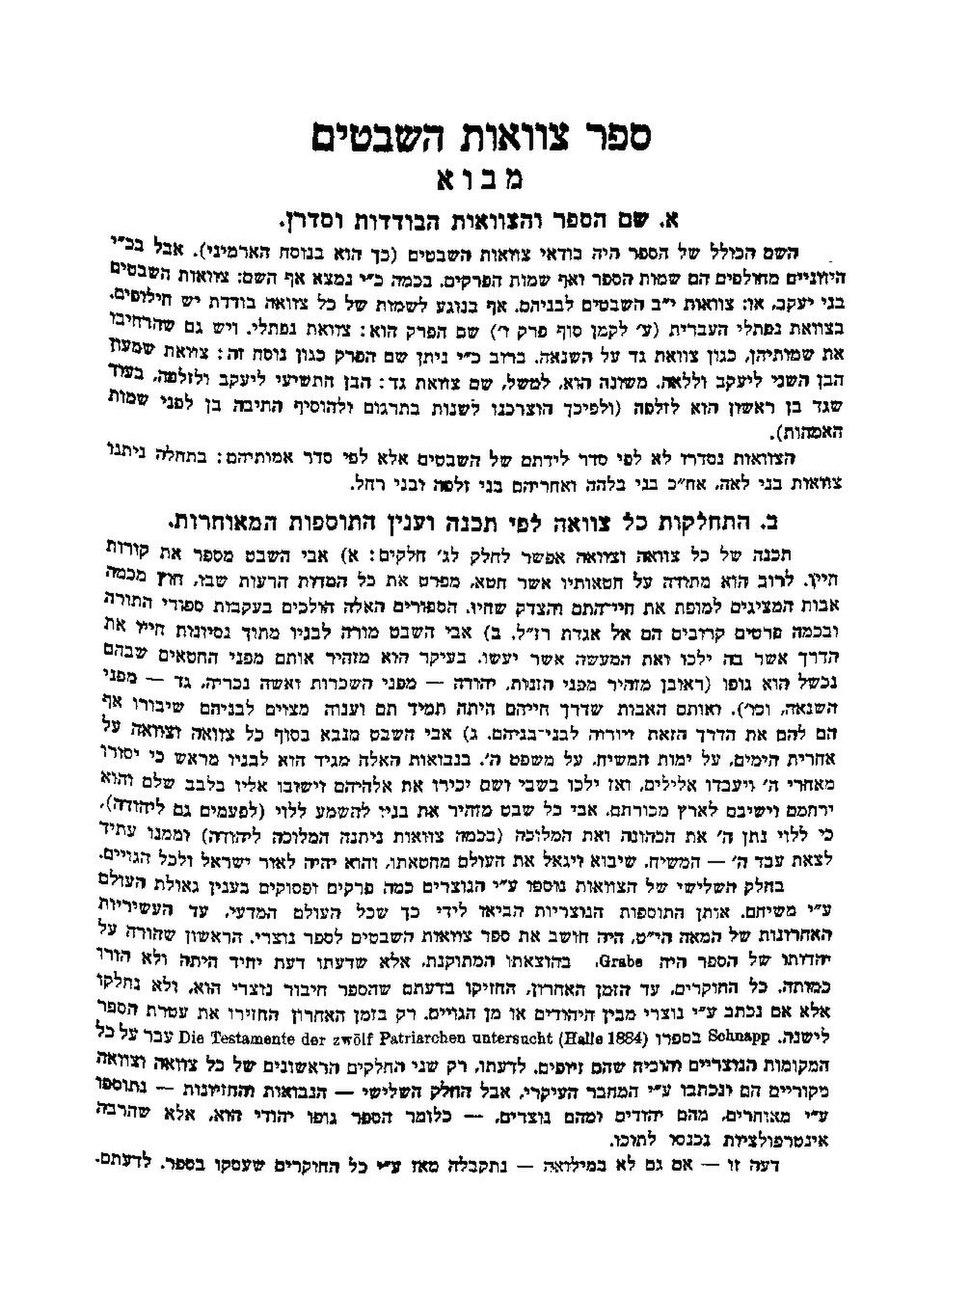 ספרים חיצוניים. צוואות השבטים. ישראל אוסטירזיצר.pdf